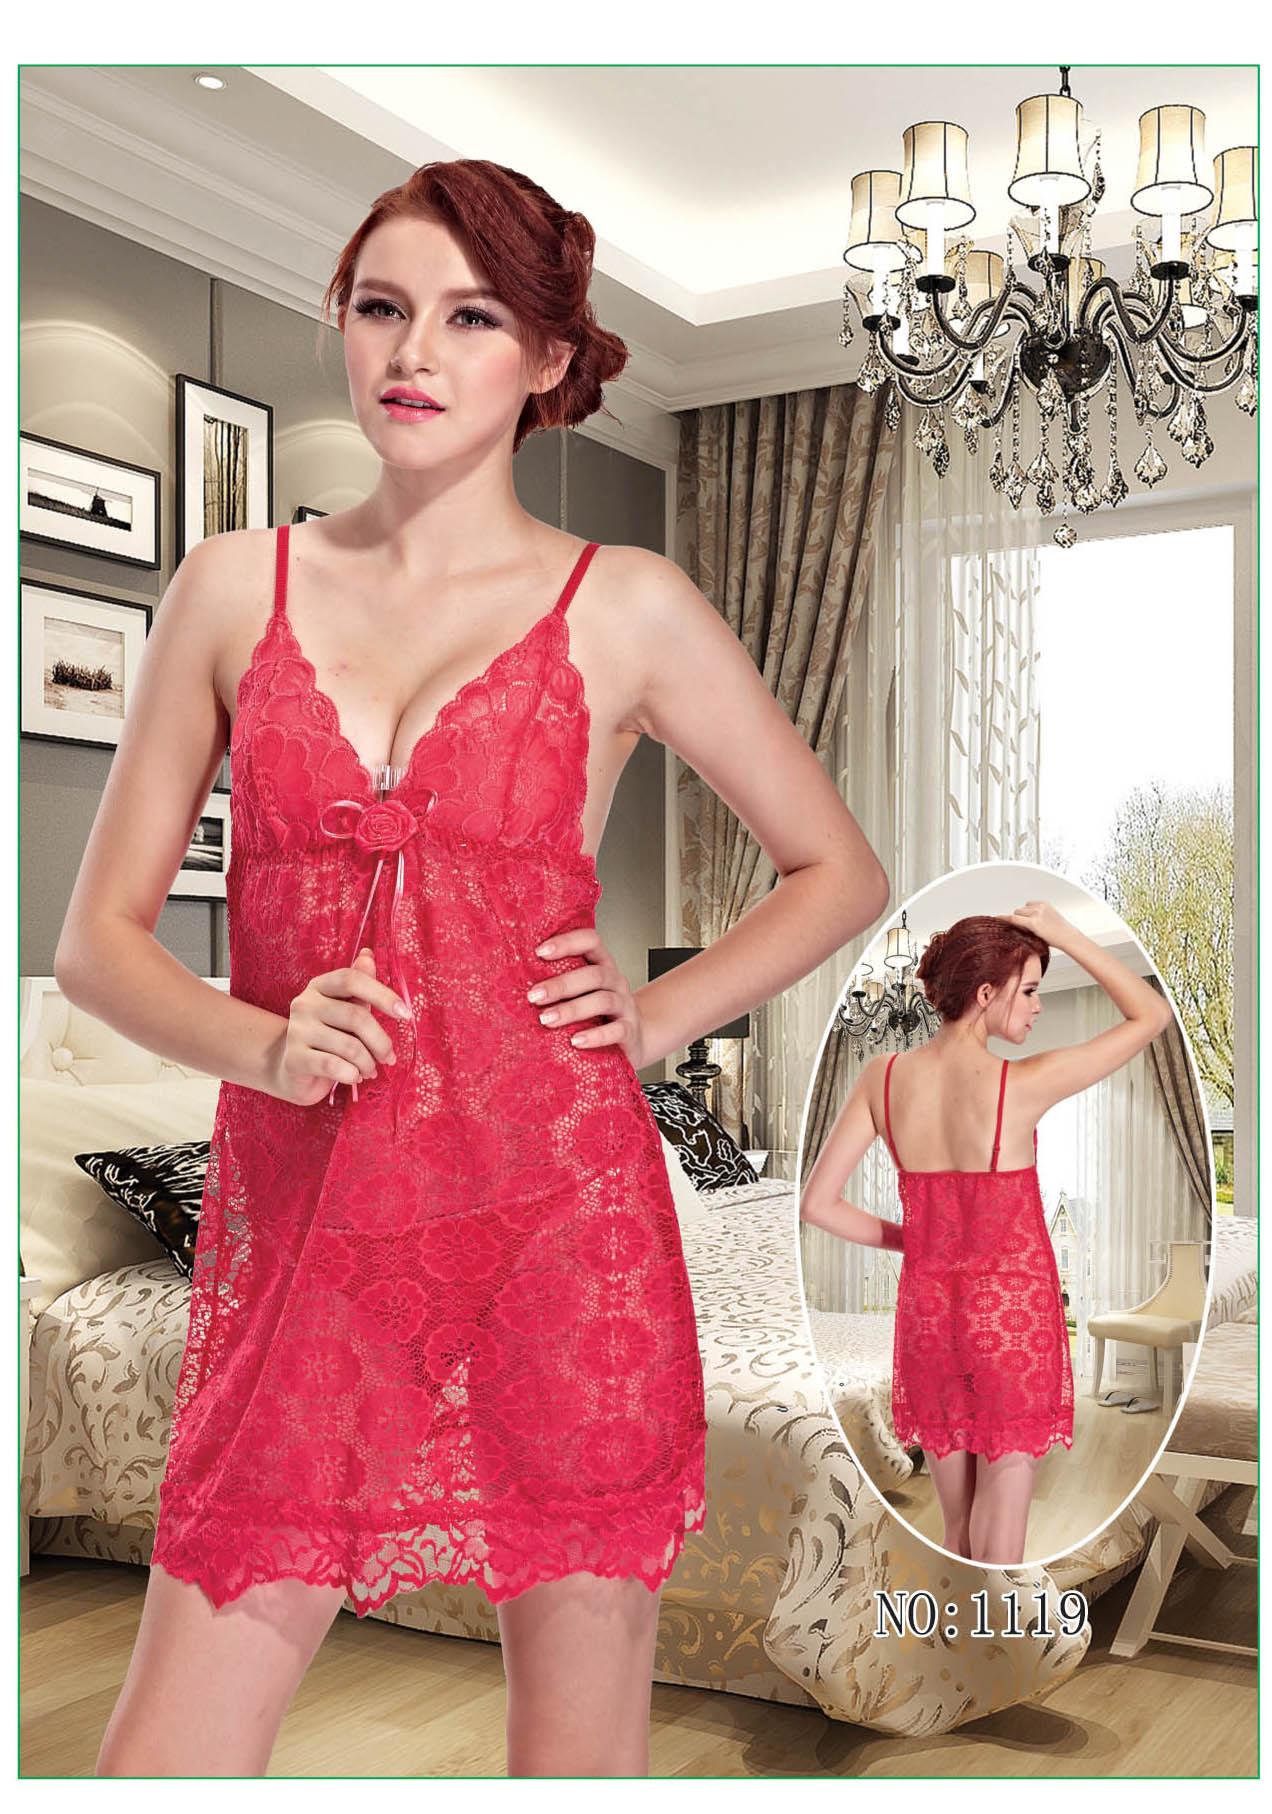 Gudang Baju Tidur Shop Line Lingerie Seksi Model 7 Seserahan Sexy Pakaian Dalam 7172498 Hotpink